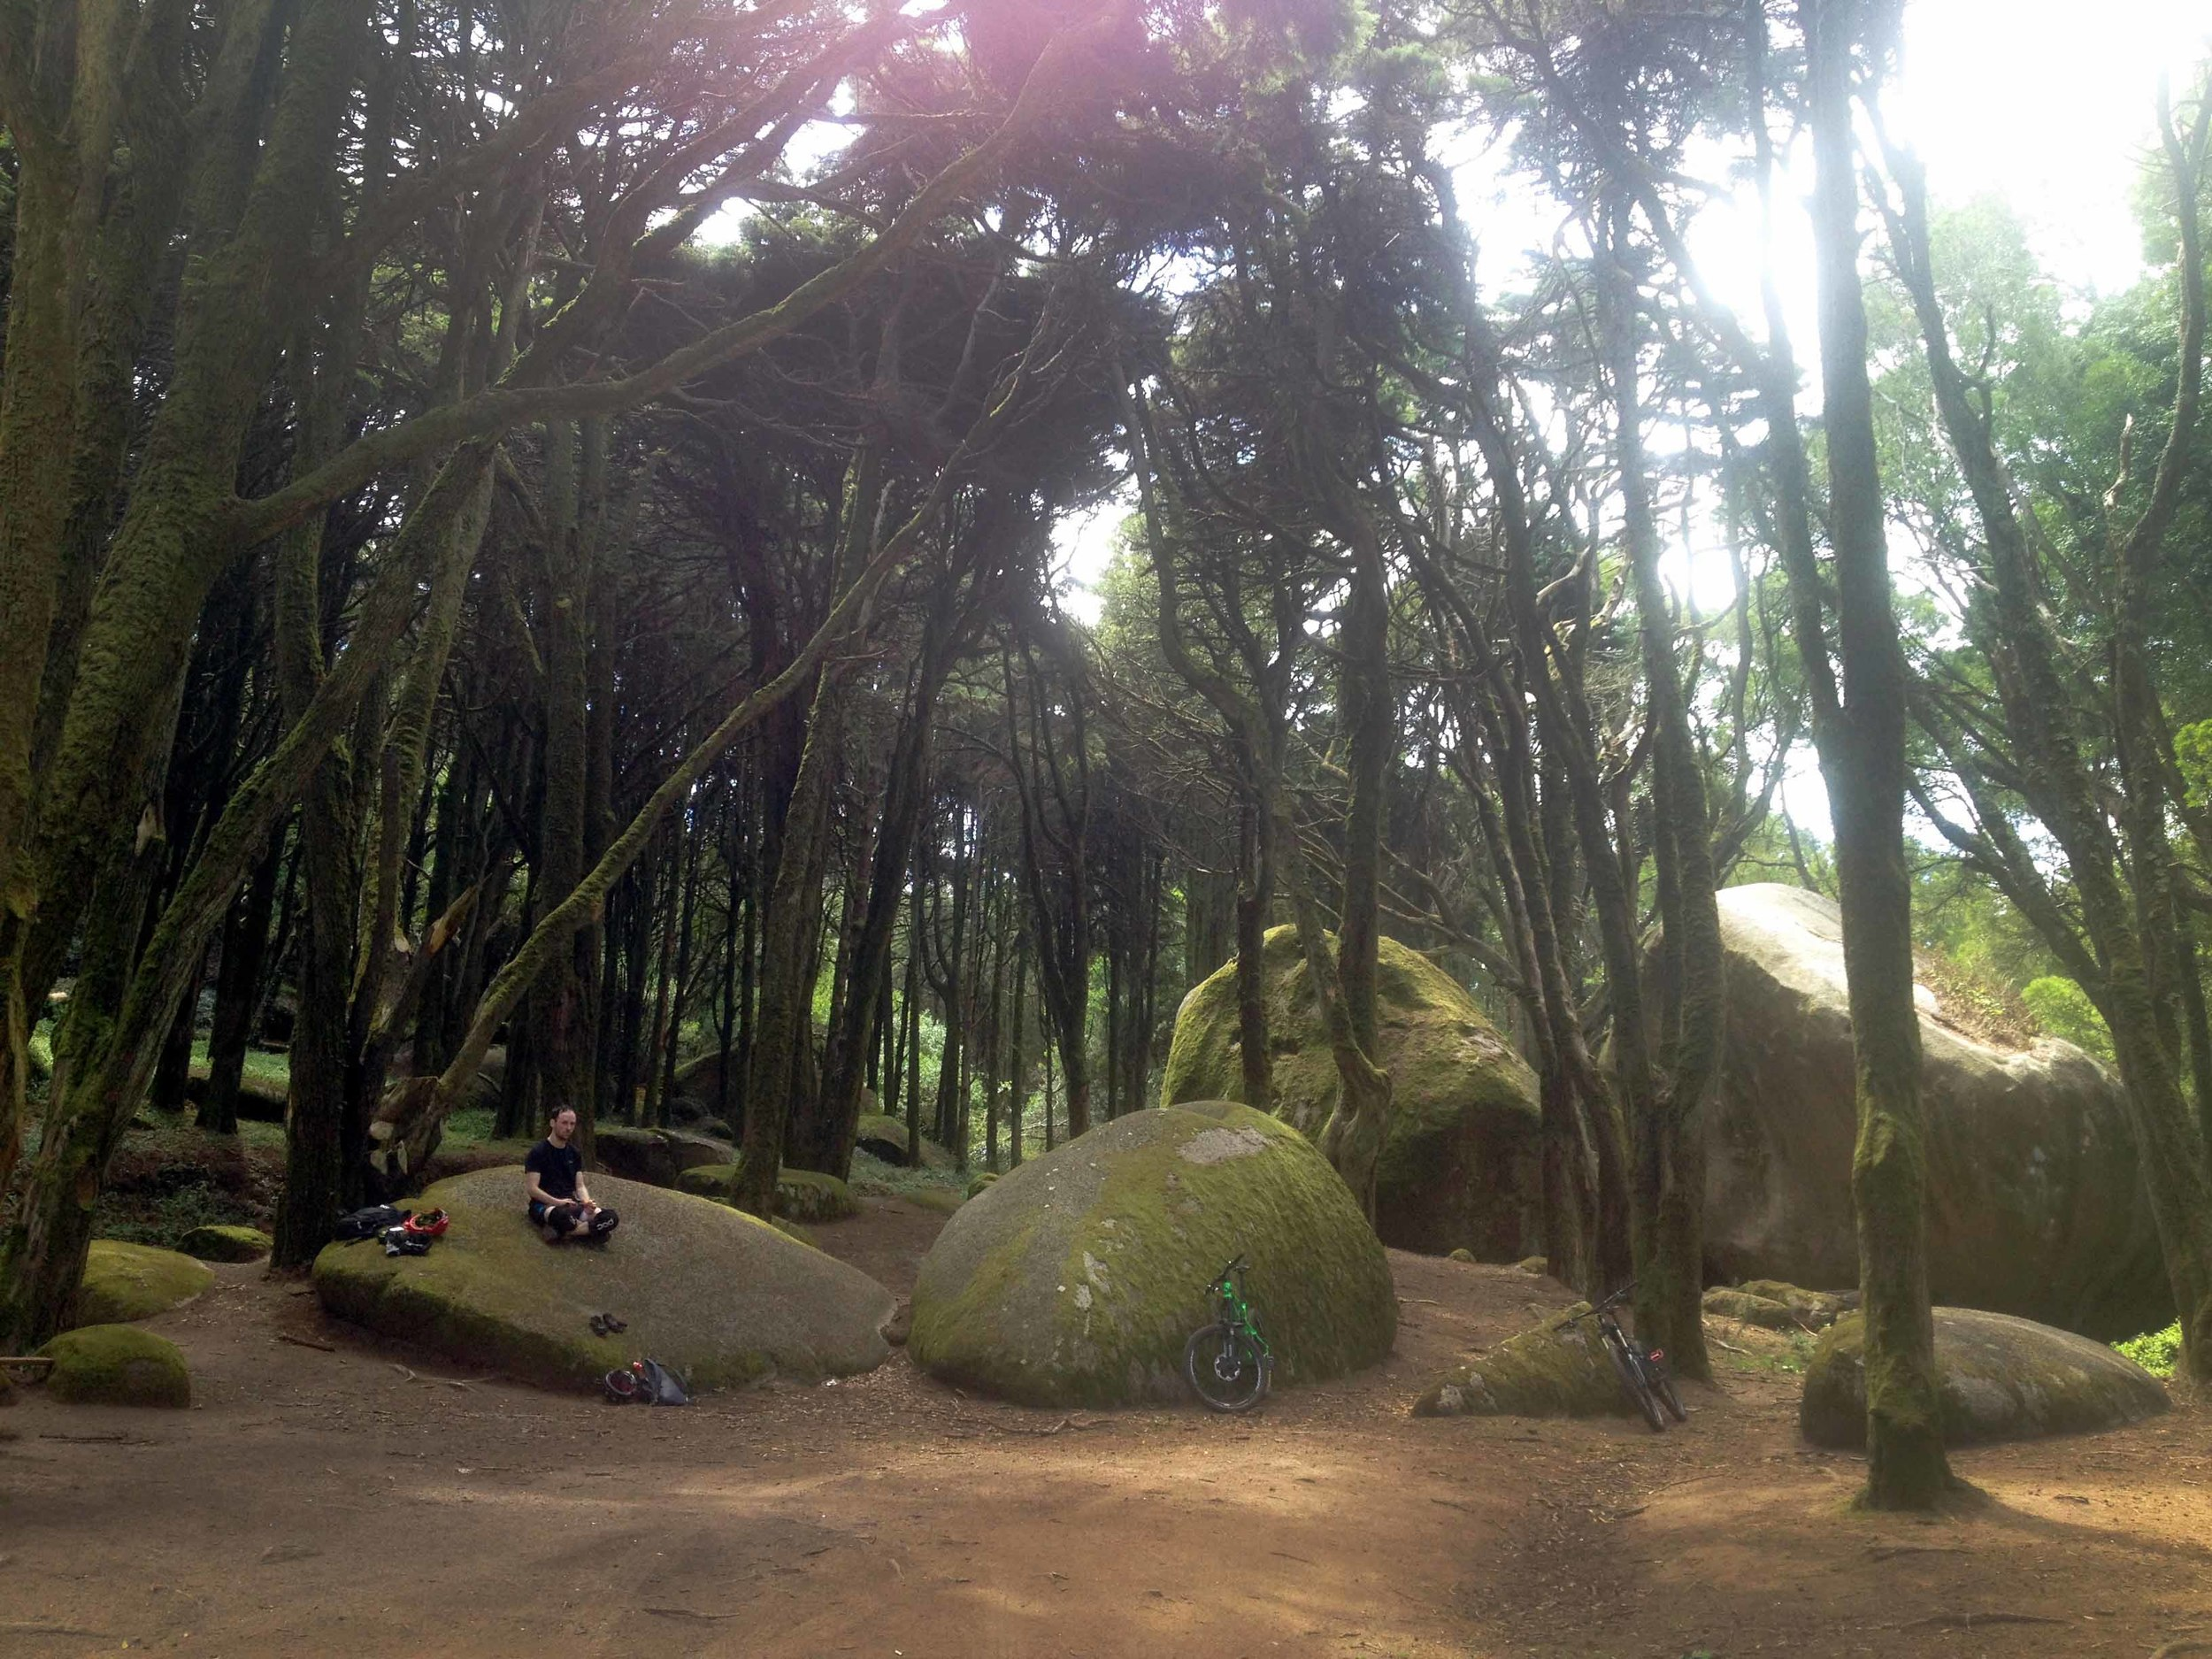 Peninha, magic spot for a break